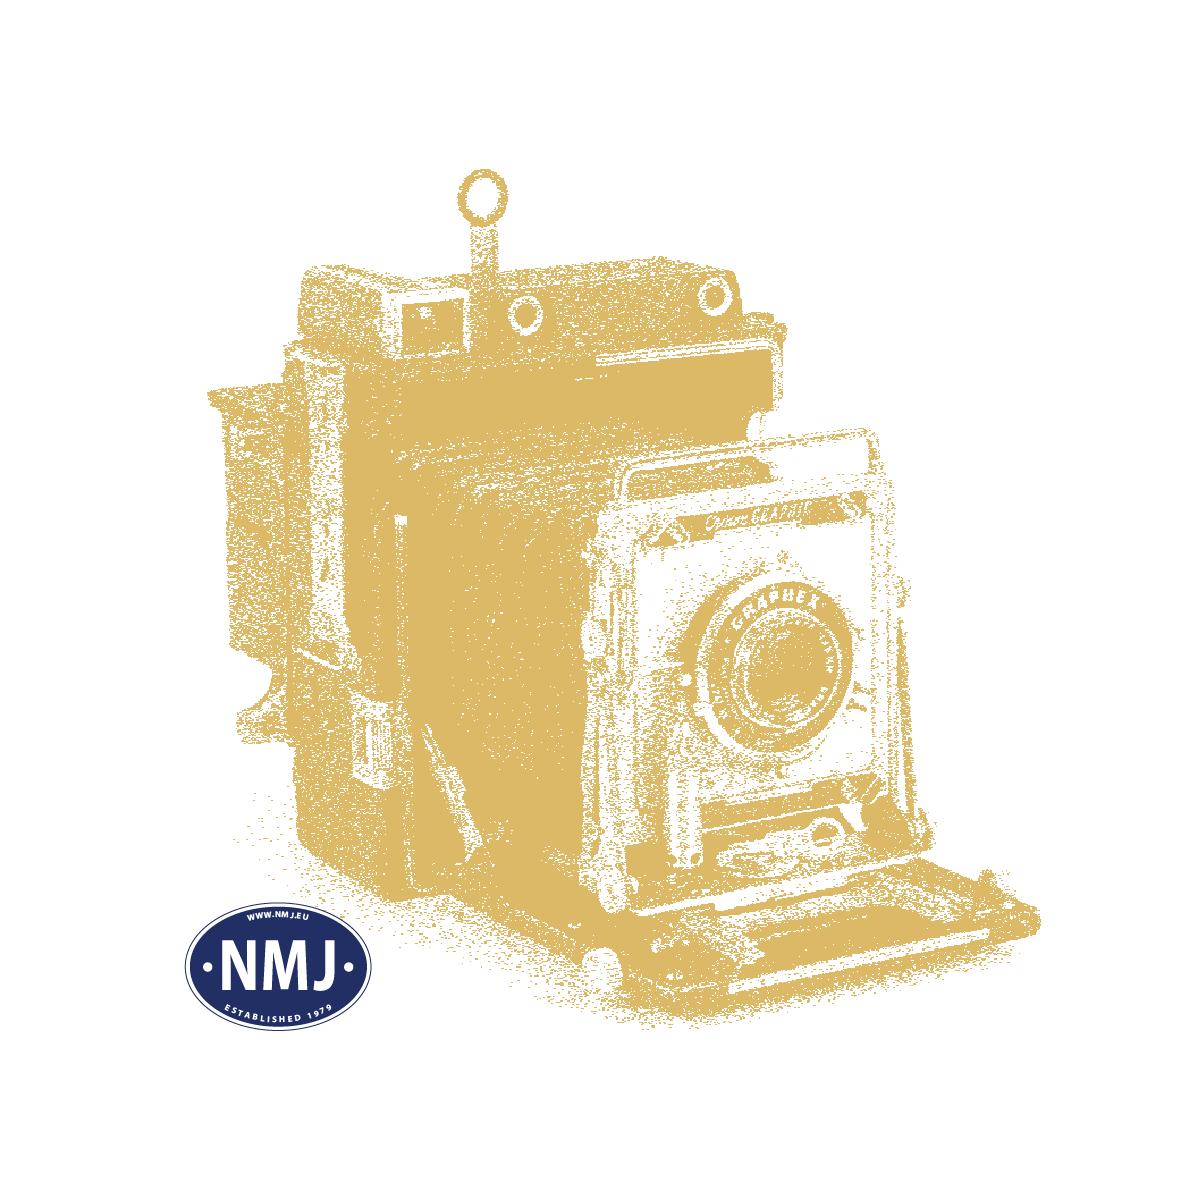 NMJ Superline NSB Stakevogn Om 21 76 361 0 584-3 m/ Sidelemmer